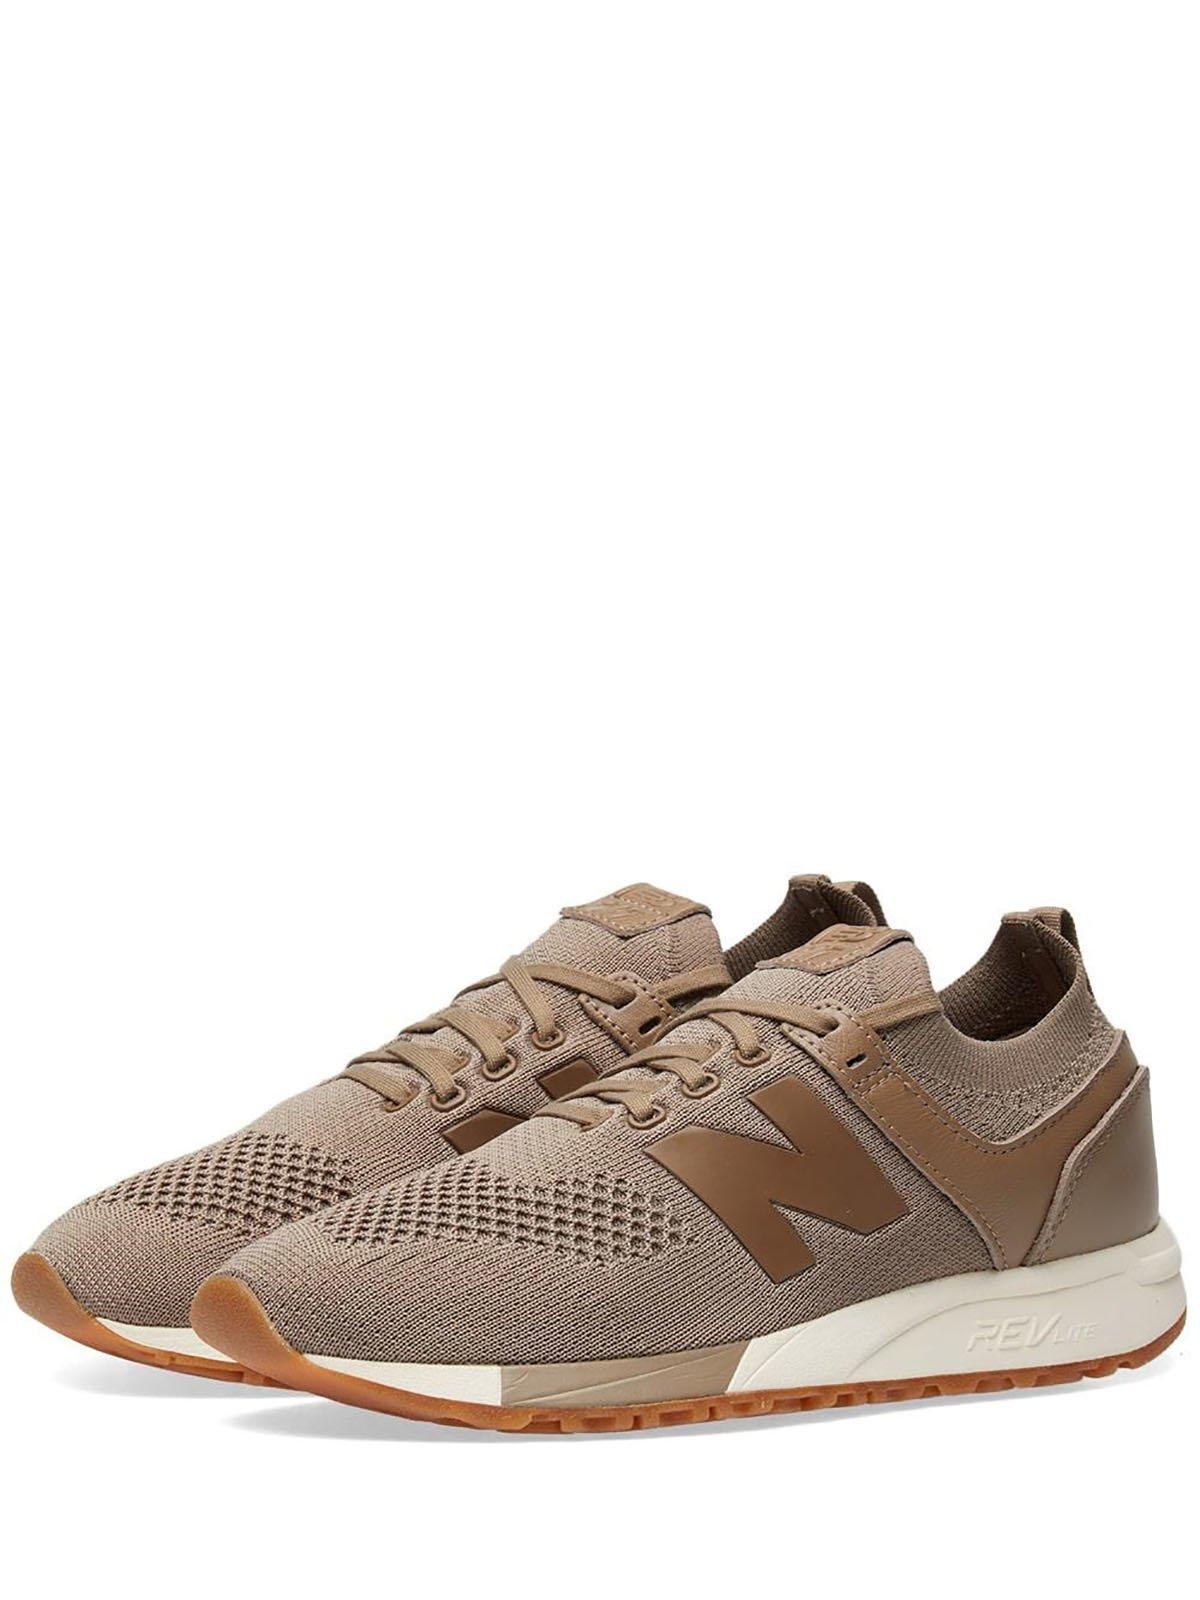 Кроссовки коричневые New Balance 247 | 4042443